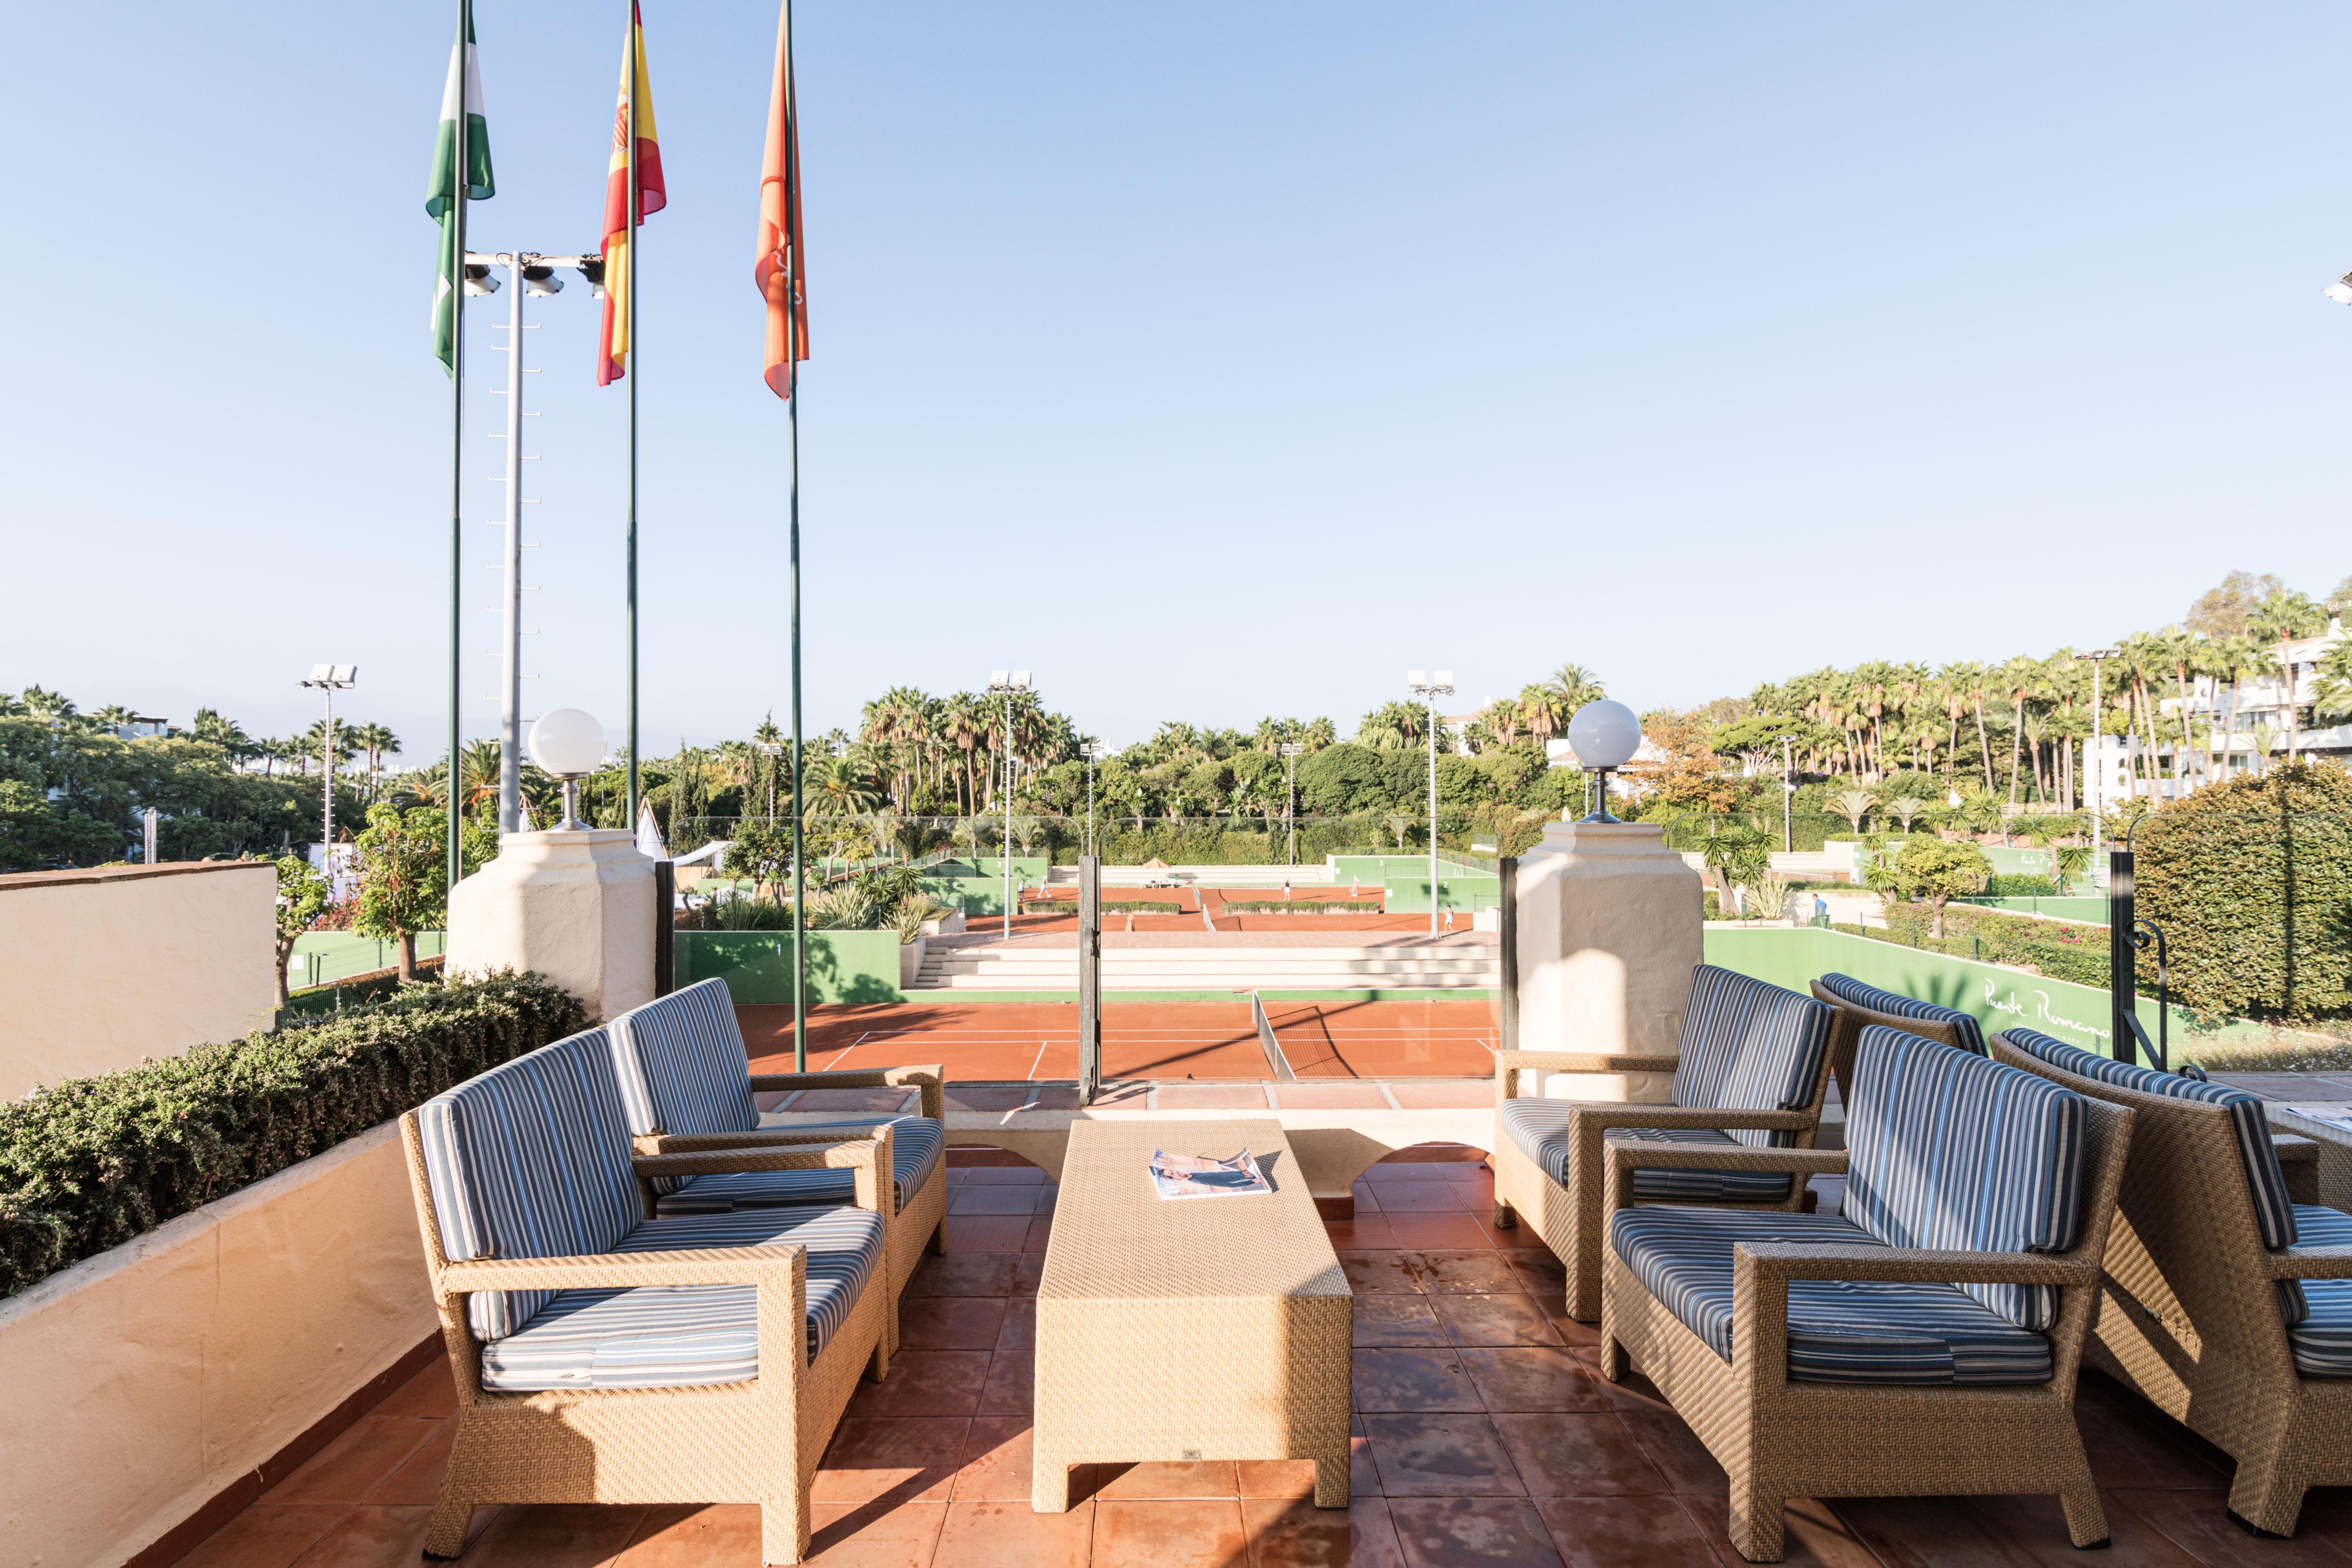 club-de-tenis-puente-romano-vistas